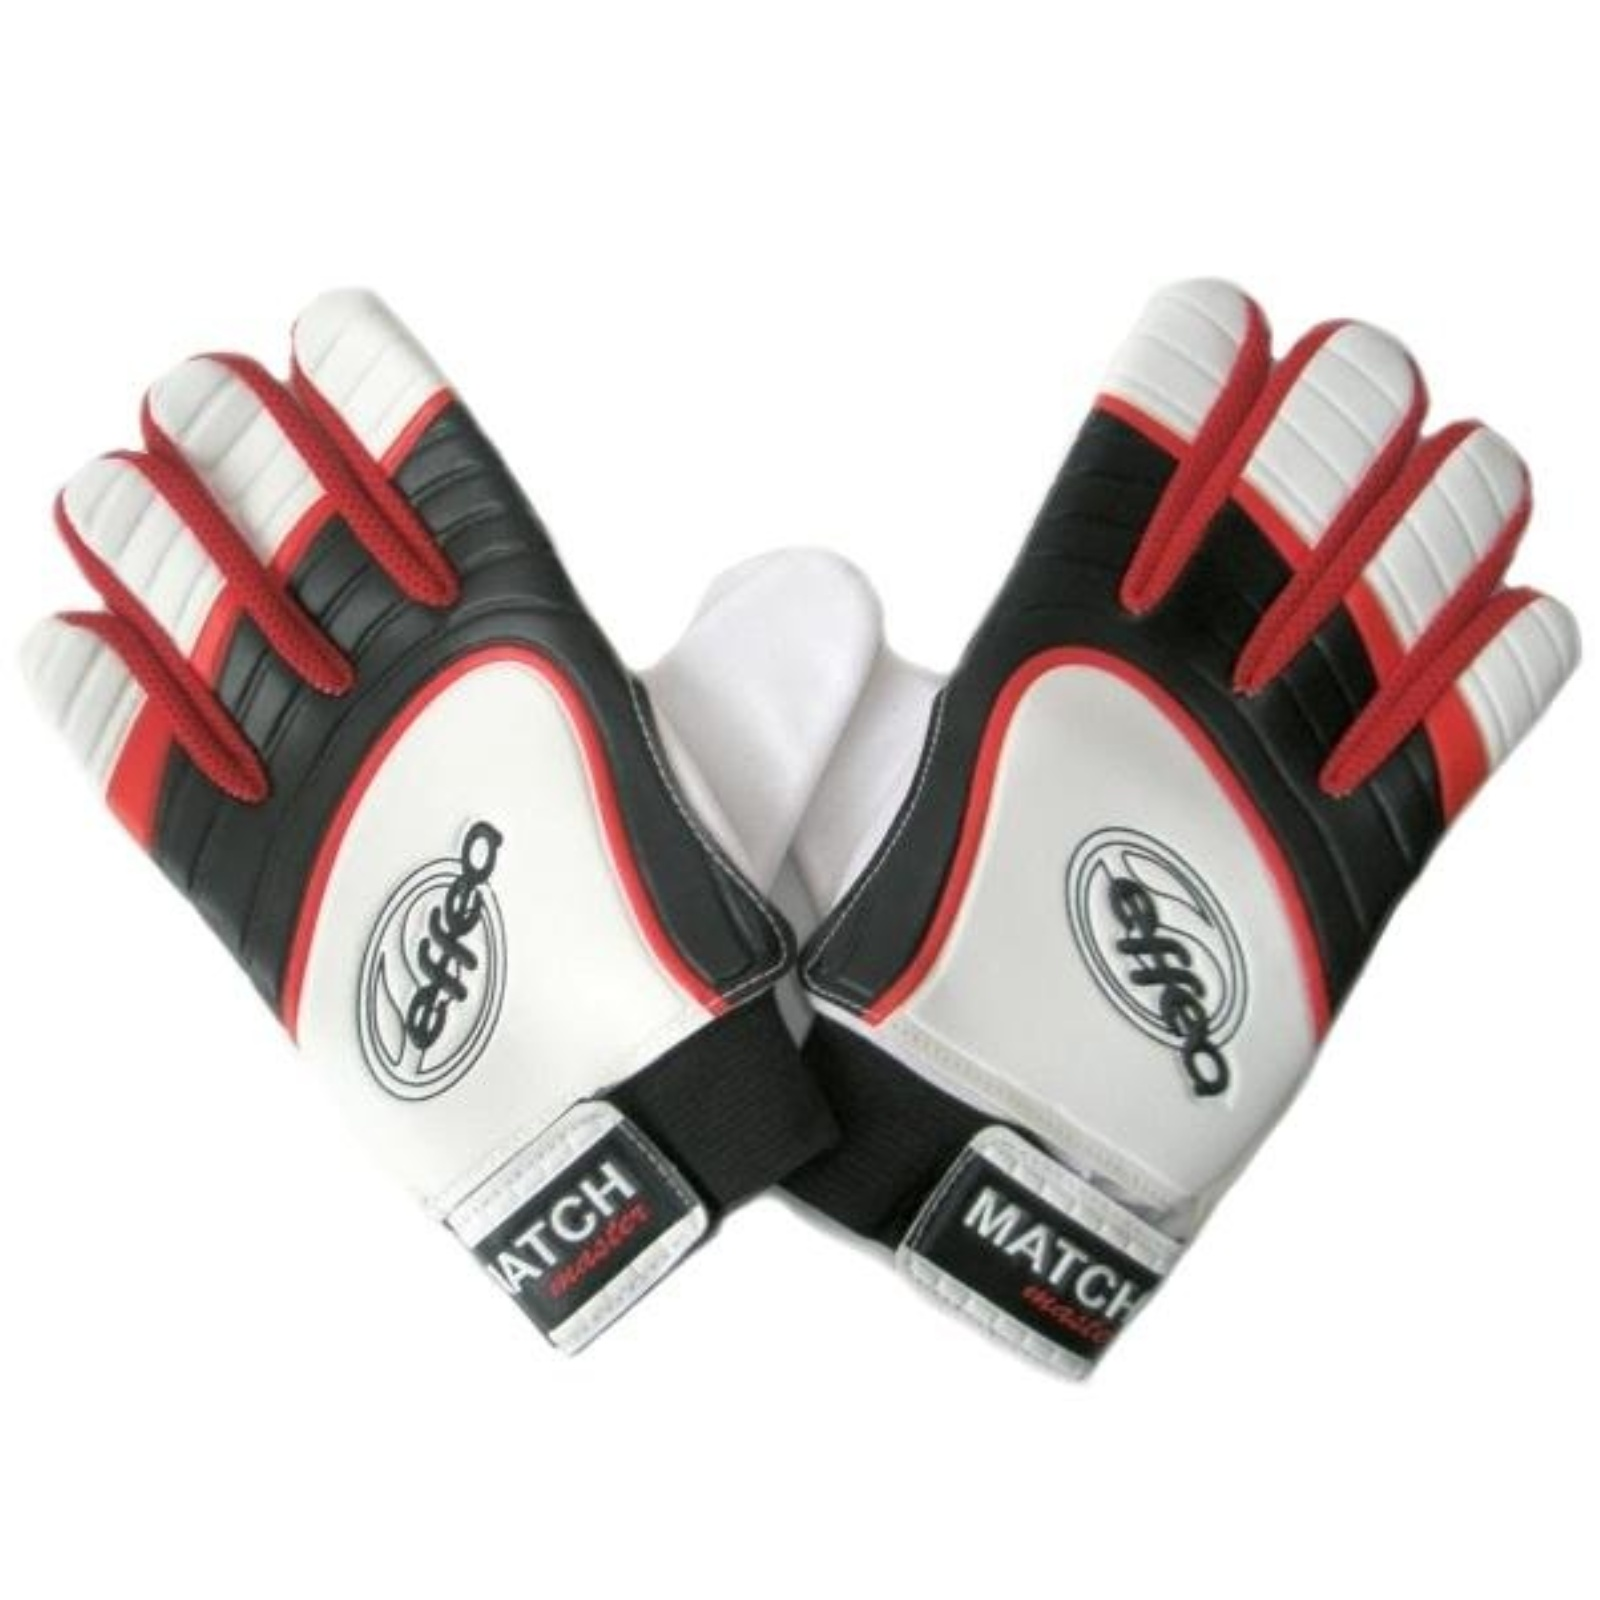 Fotbalové rukavice EFFEA 6019 dětské - vel. 8